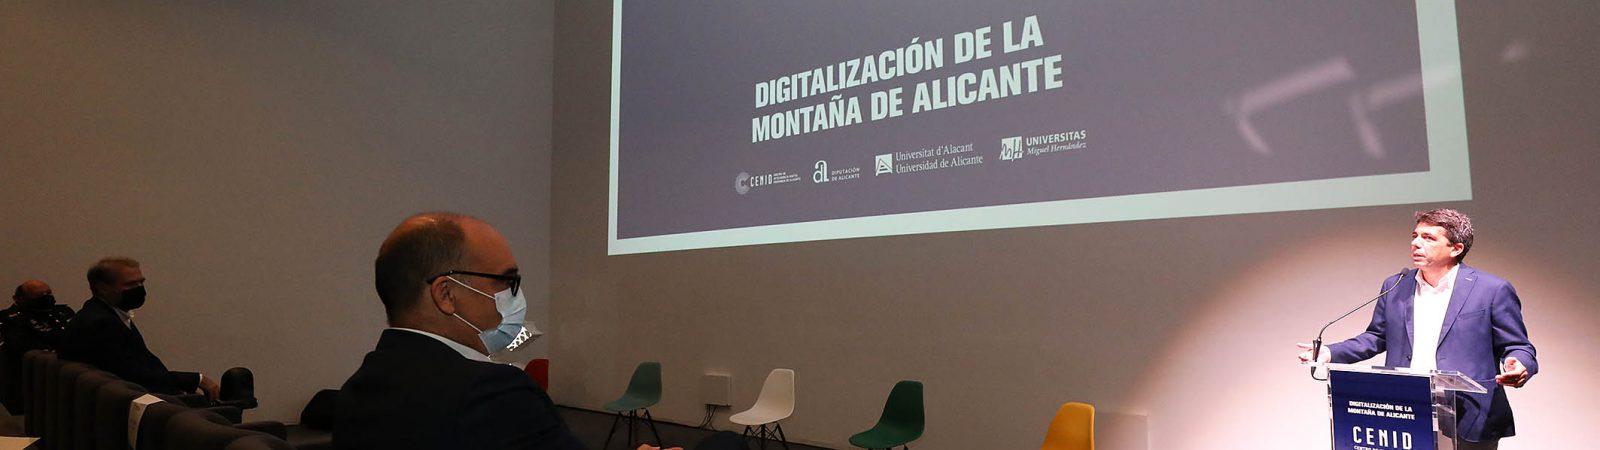 Una iniciativa con la que Alicante se convierte en la primera provincia de España en digitalizar, con la colaboración de Google Maps, sus rutas de montaña.